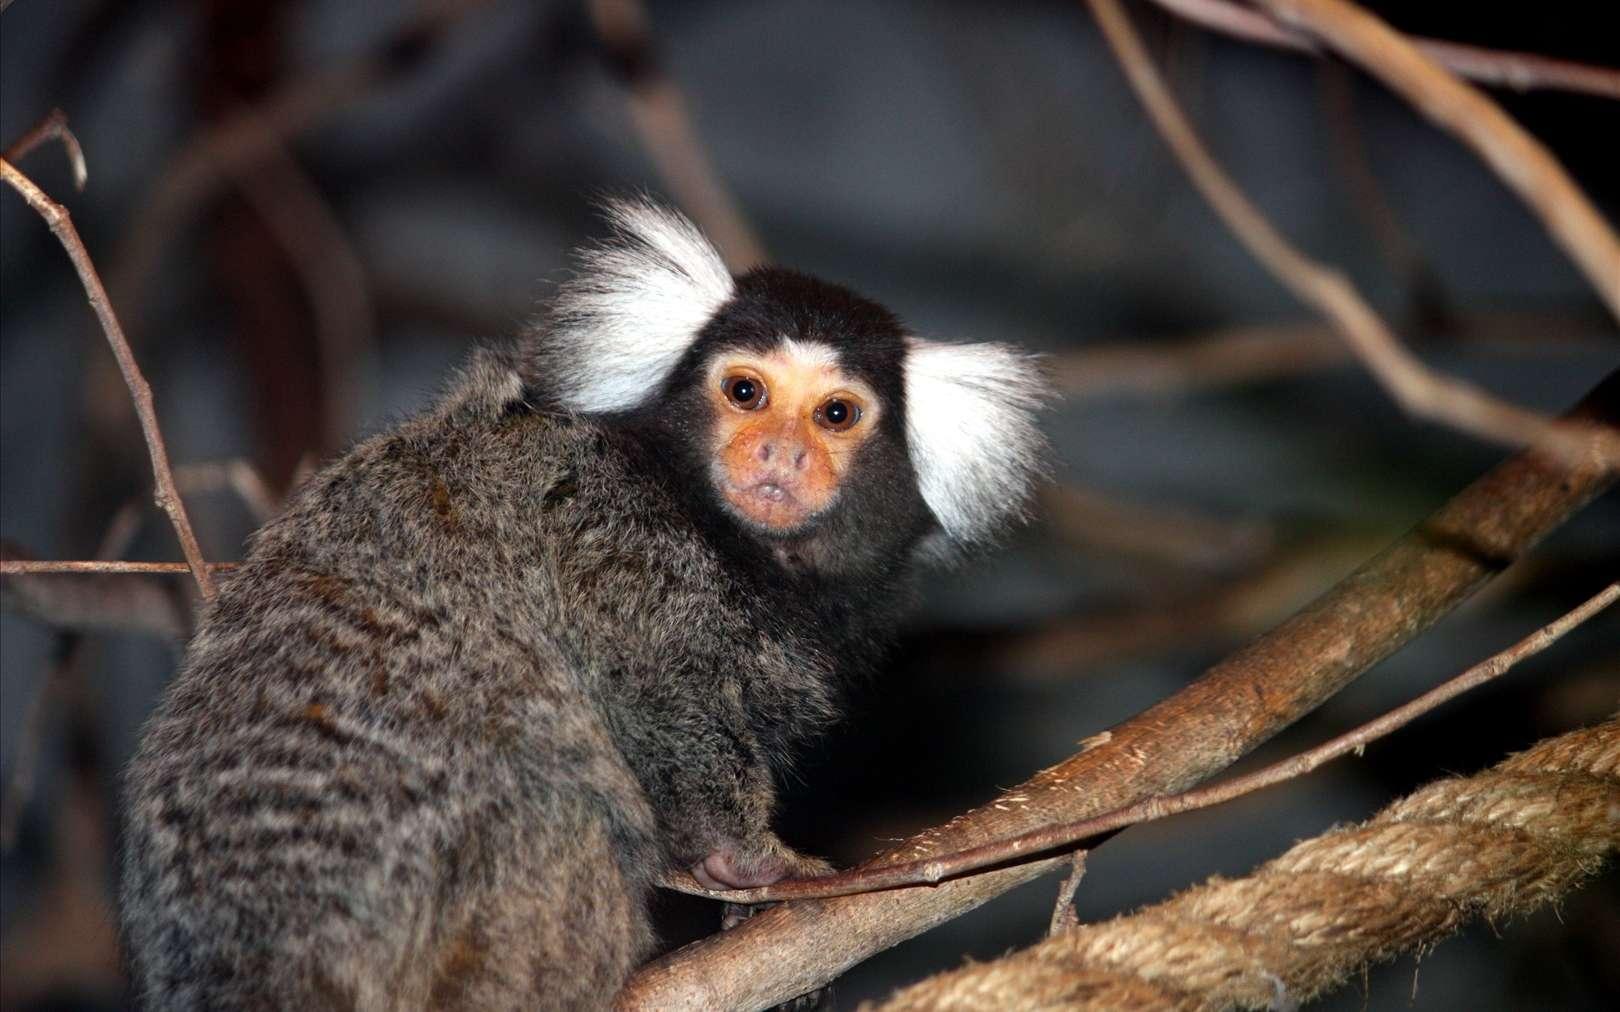 Les ouistitis sont de petits singes du Nouveau Monde qui communiquent énormément avec la voix, mais qui attendent que leur congénère se soit exprimé pour communiquer, afin que chacun puisse se faire entendre. © Son K Lee, Fotopédia, cc by nc 3.0